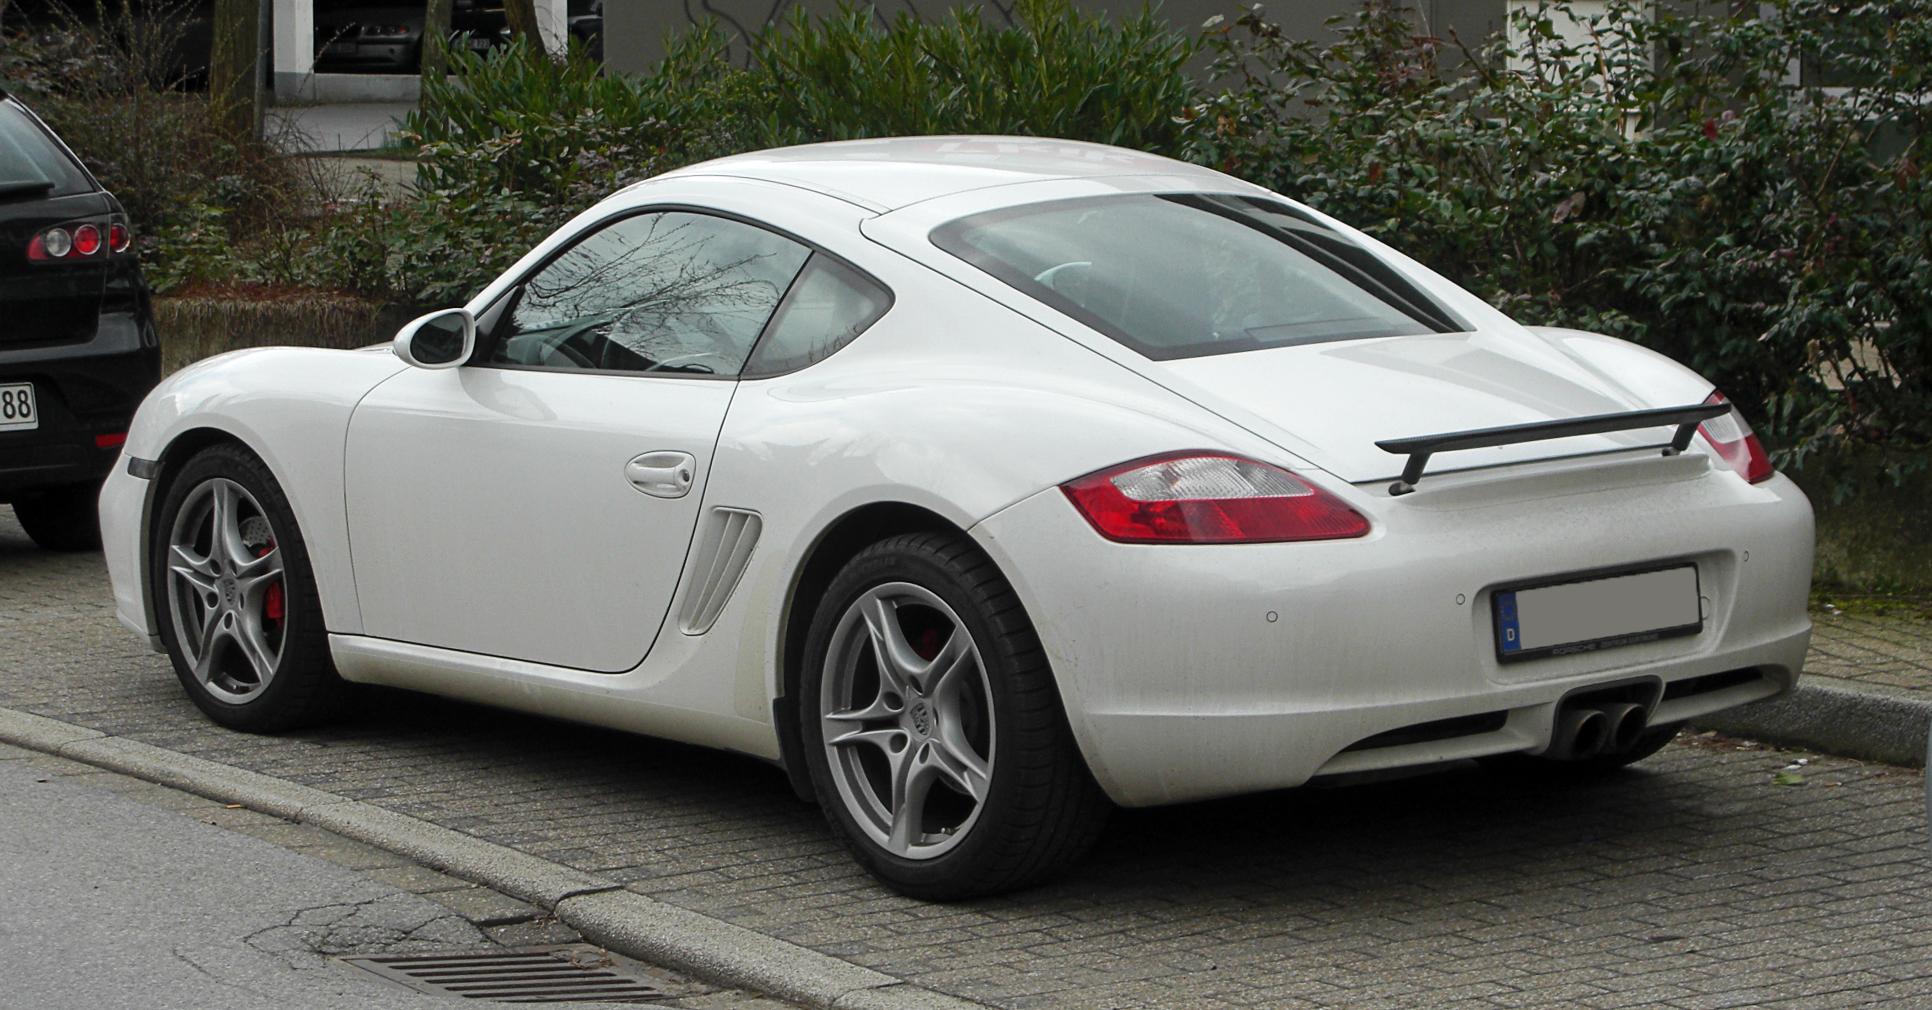 File:Porsche Cayman S (987C) – Heckansicht, 13. März 2011, Wülfrath ...